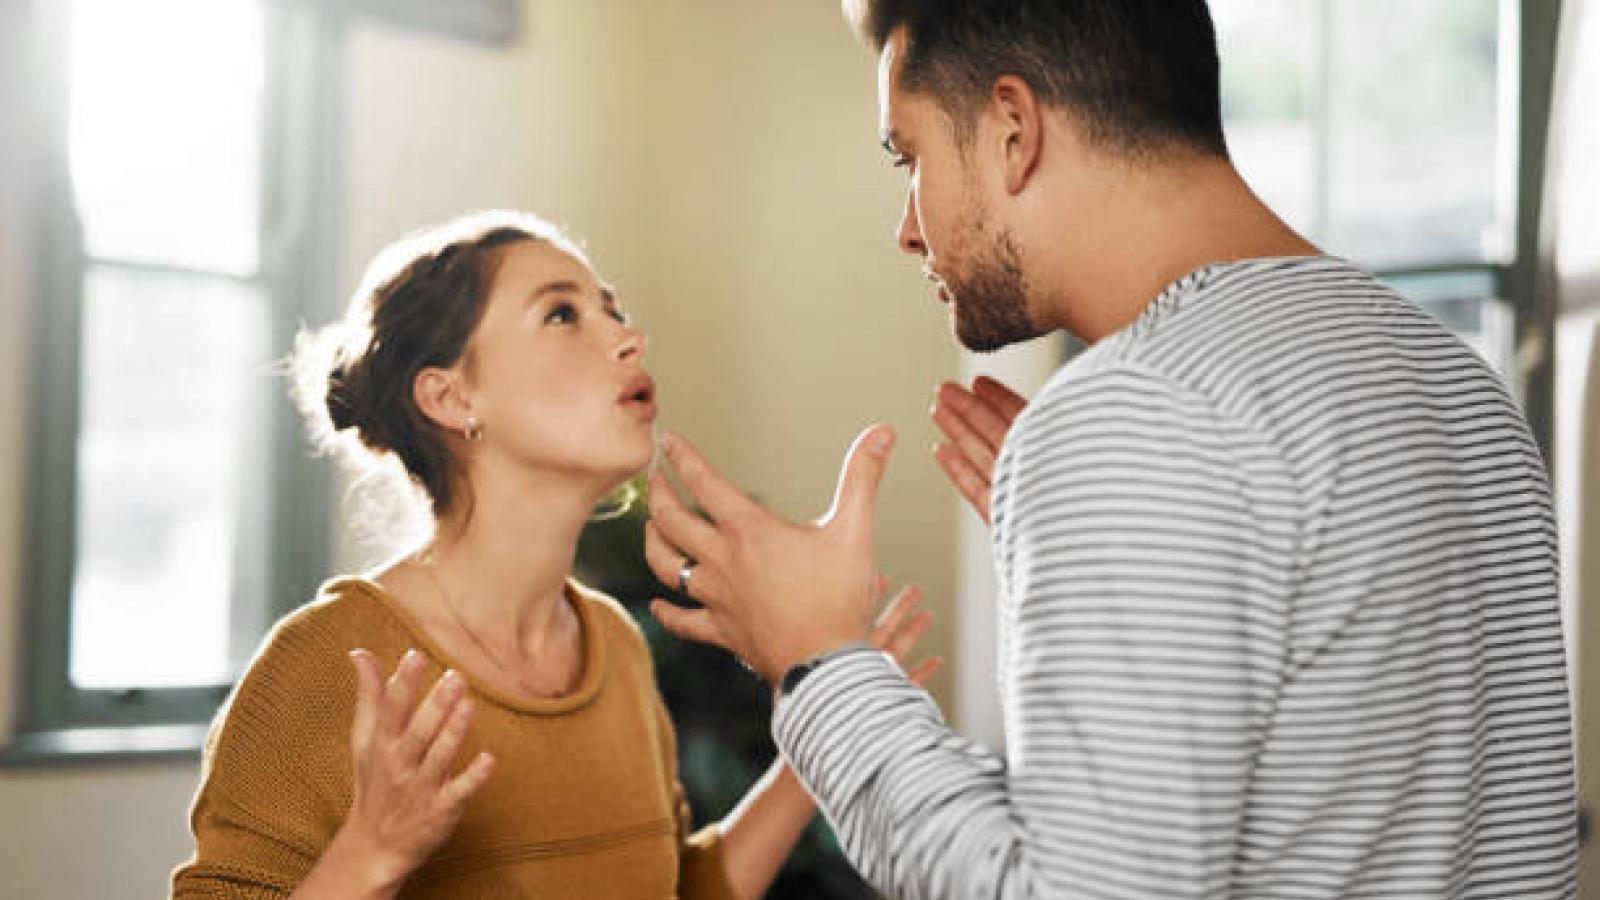 Làm thế nào để yêu một người không ổn định về cảm xúc?